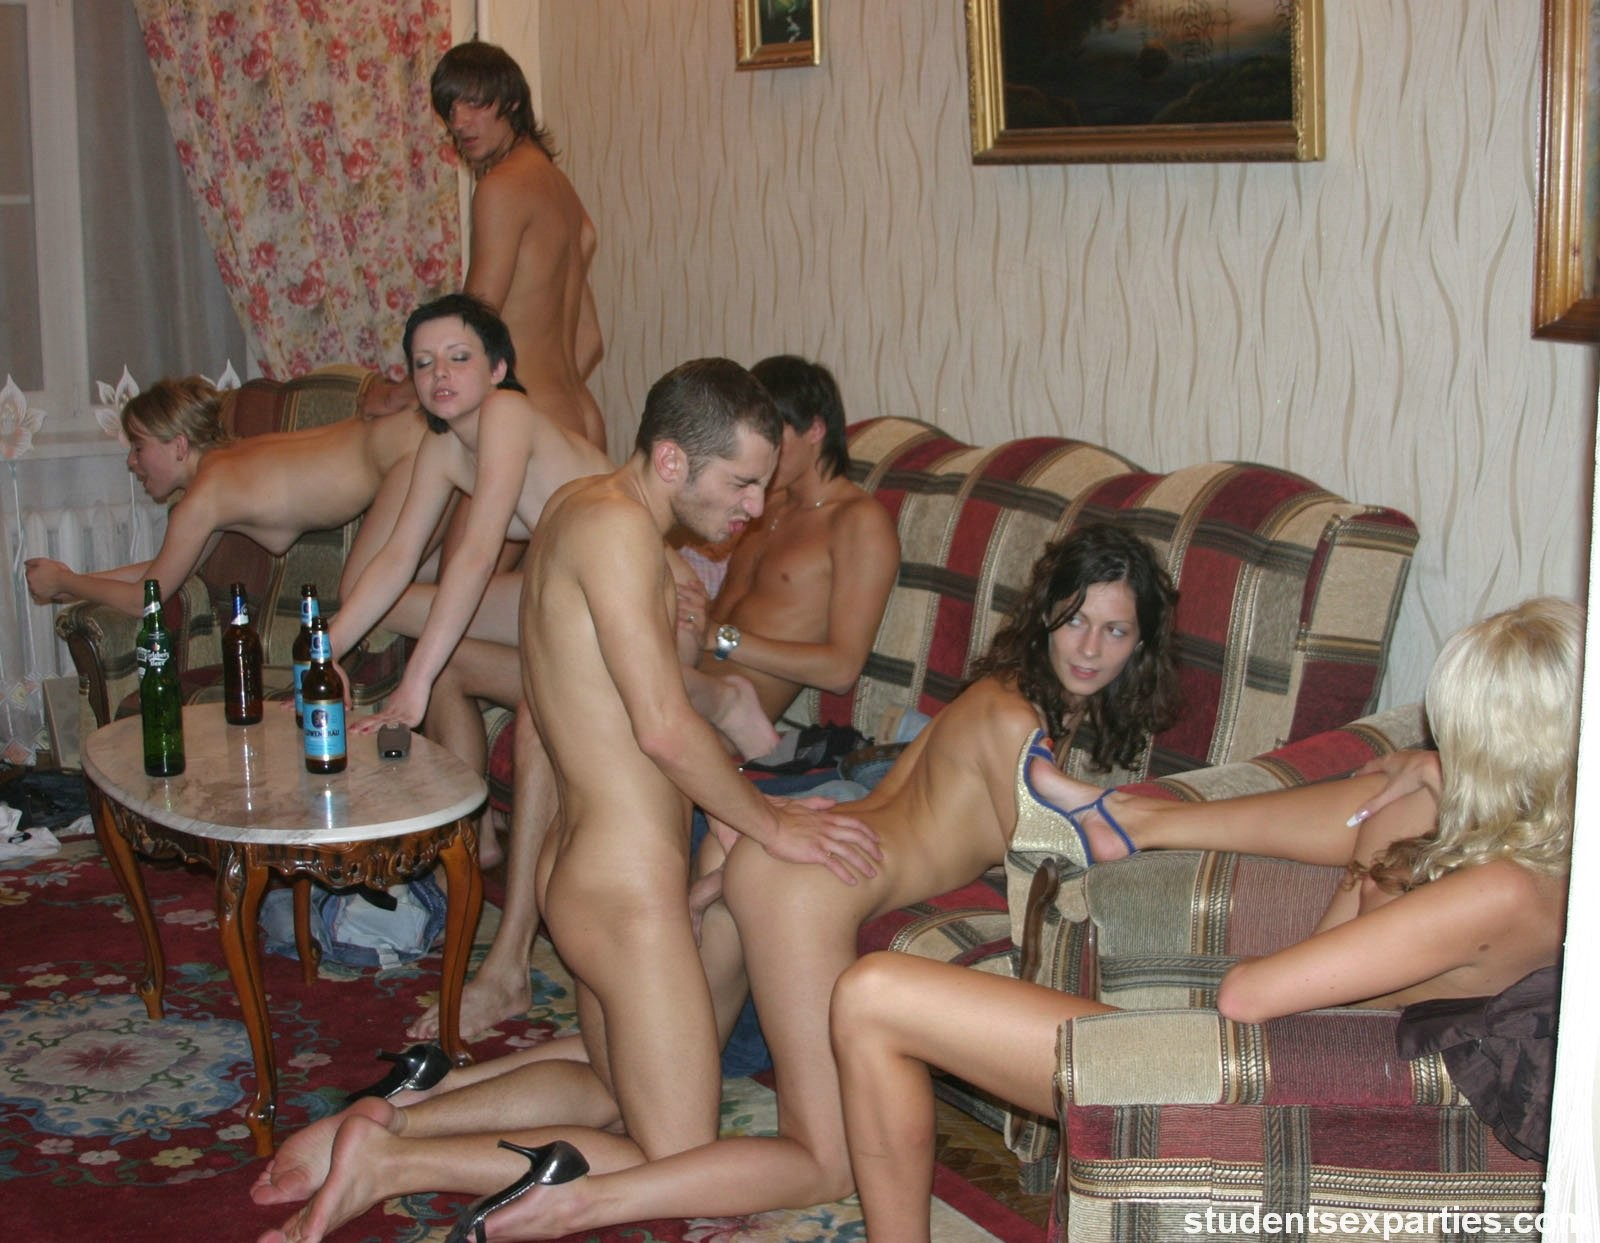 порно вечер друзьями встаешь, быстрее